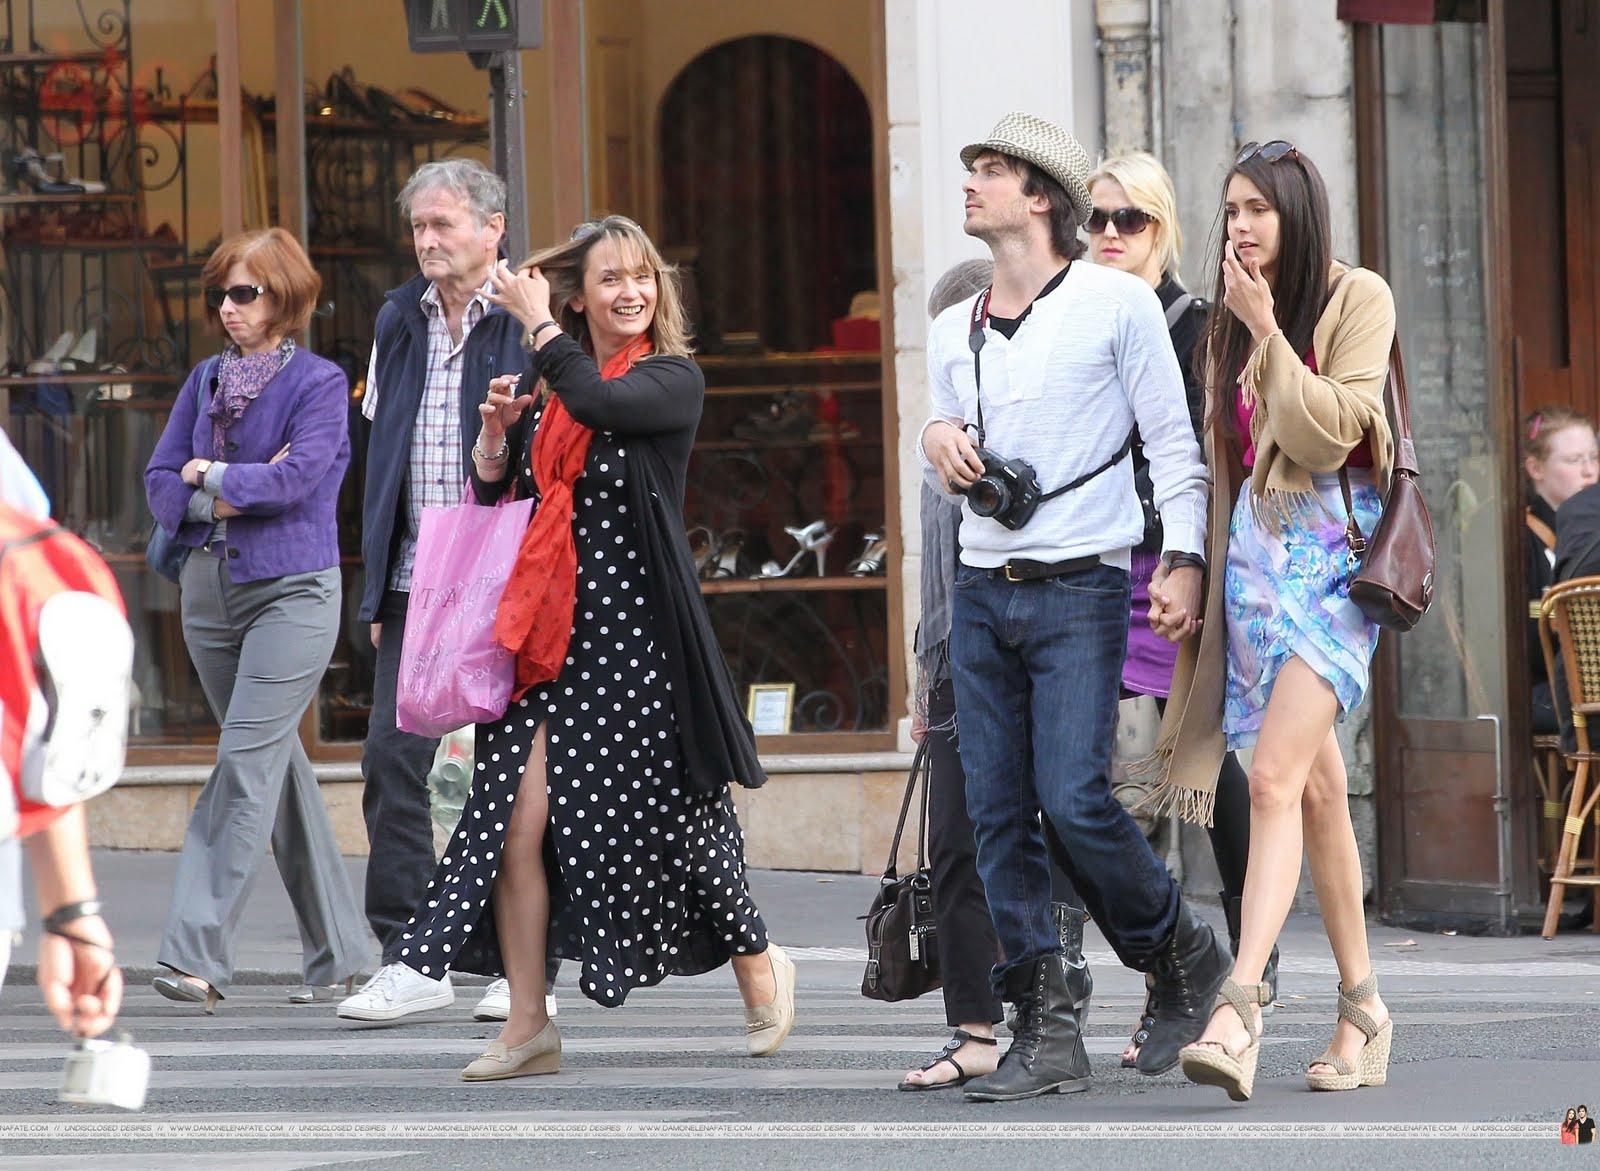 http://1.bp.blogspot.com/-LU7Rlr7HHA4/Td70ig1gPdI/AAAAAAAAALE/rLEy3qYsnNs/s1600/Ian-Nina-in-Paris-HQ-ian-somerhalder-and-nina-dobrev-22331624-2560-1873.jpg